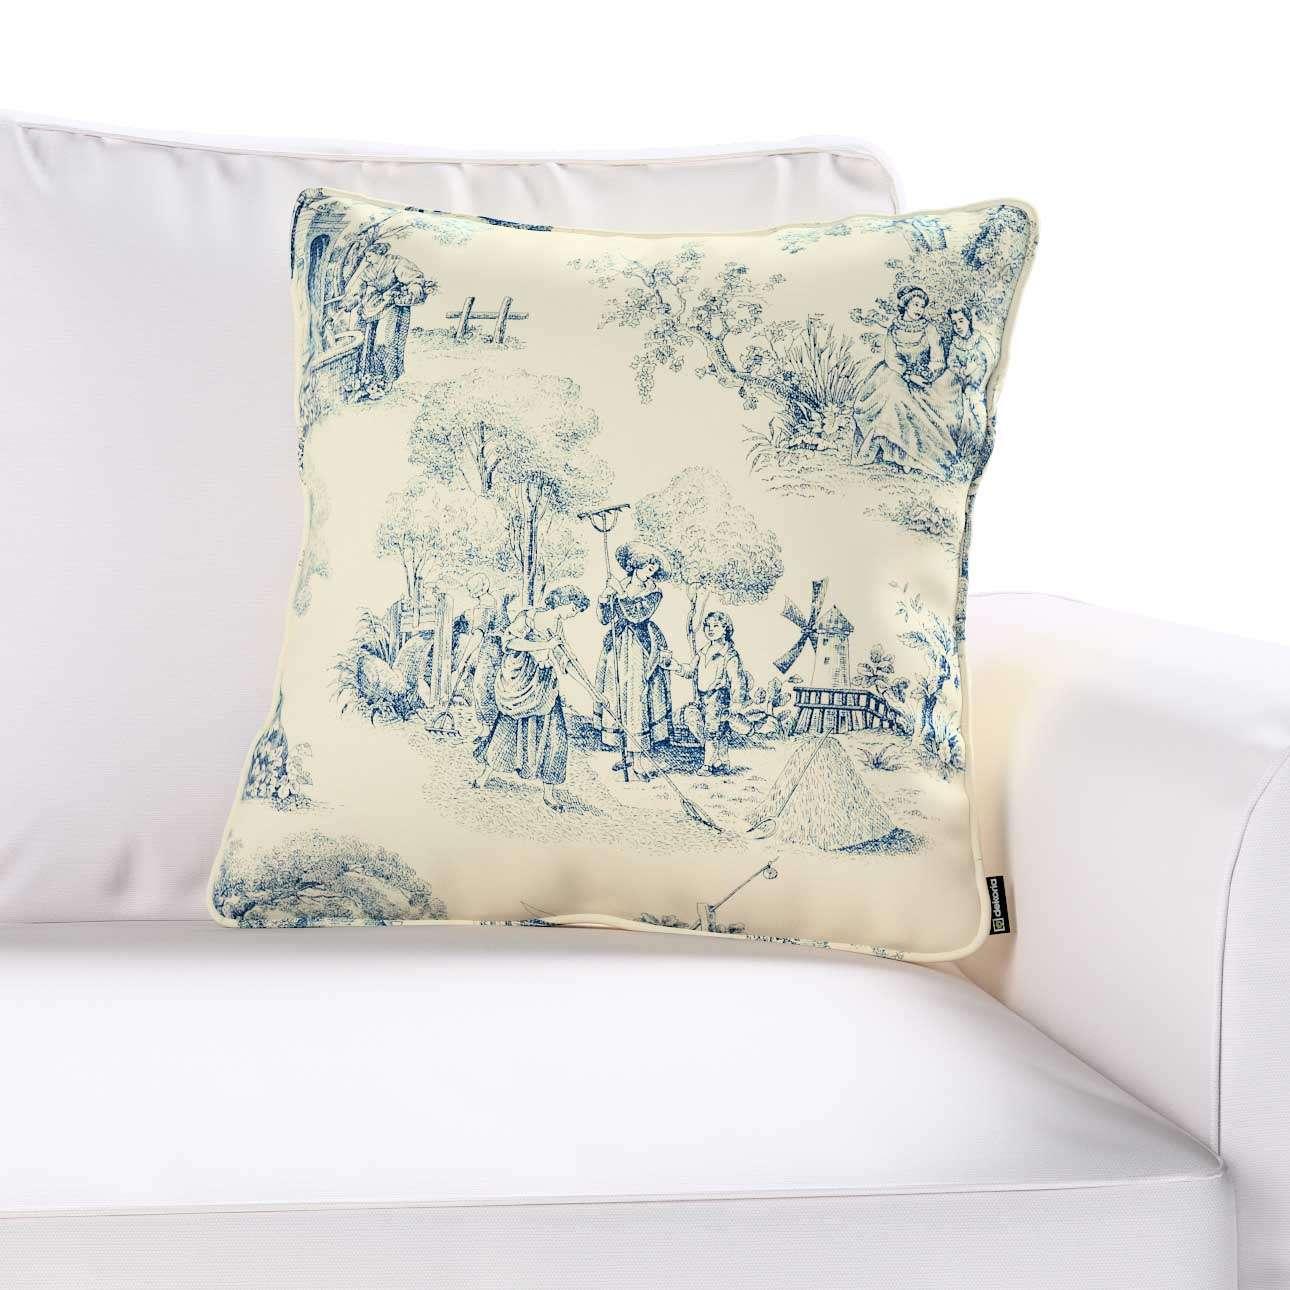 Gabi dekoratyvinės pagavėlės užvalkalas su specialia siūle 45 x 45 cm kolekcijoje Avinon, audinys: 132-66